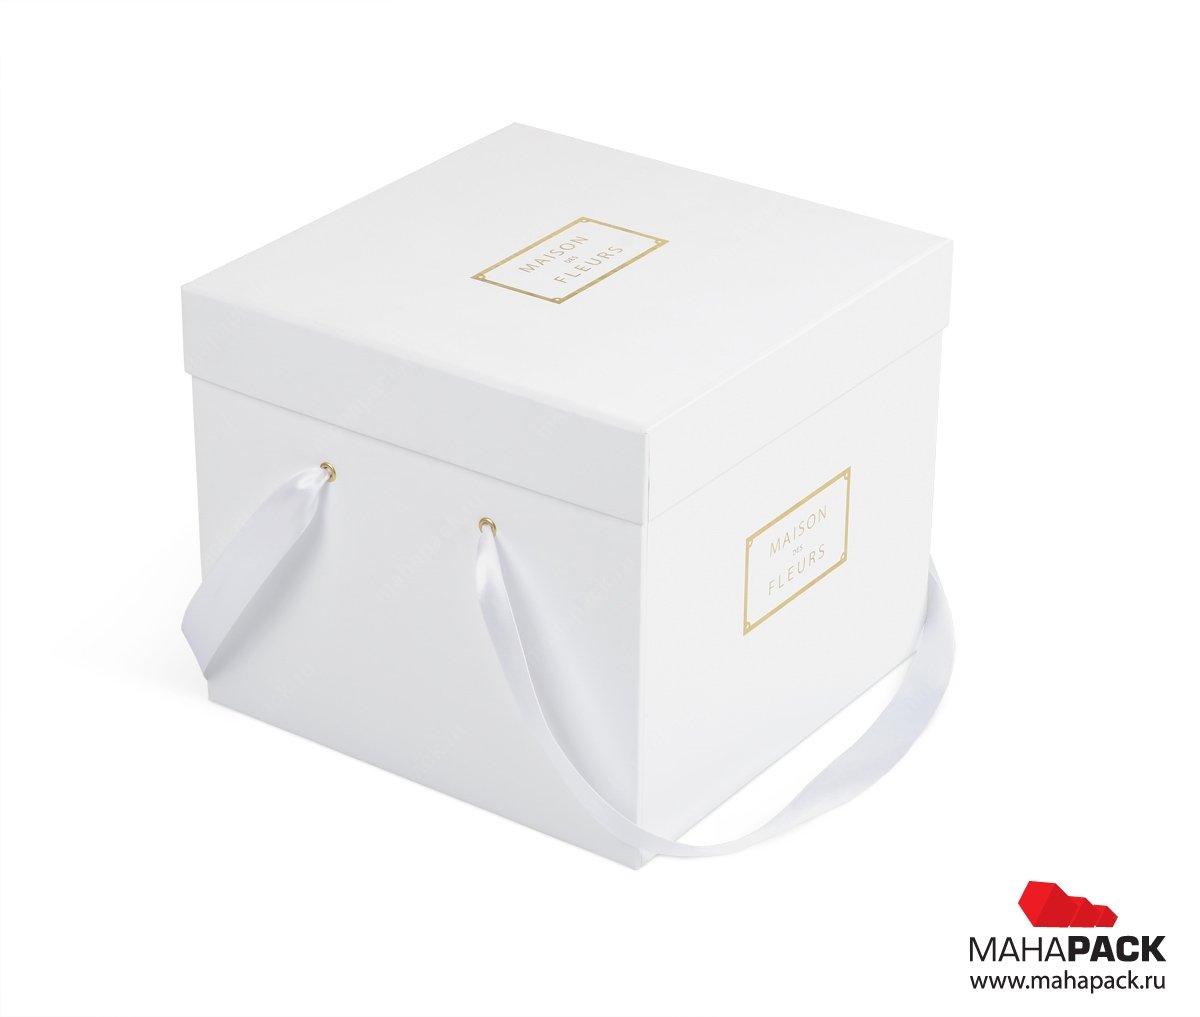 Подарочная коробка из переплетного картона с тиснением